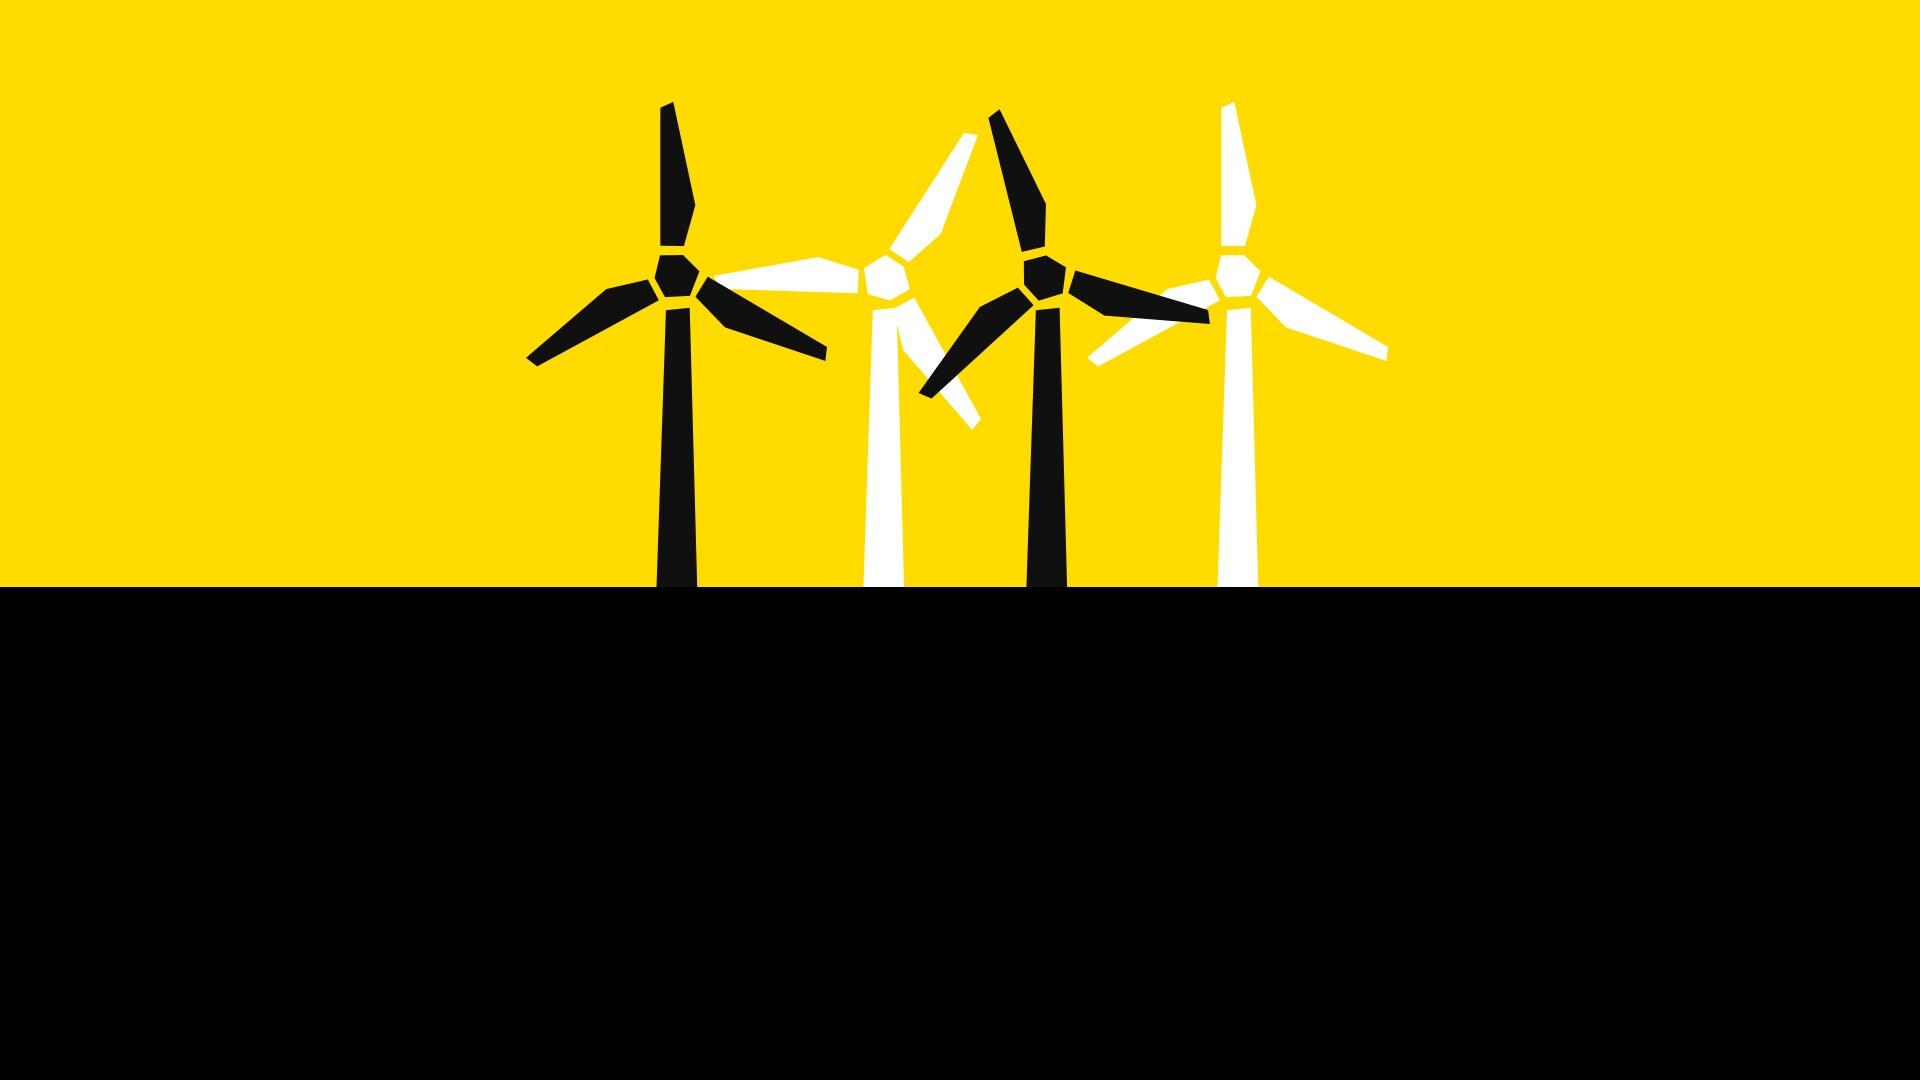 Lo Que Haces Cuenta - Energía